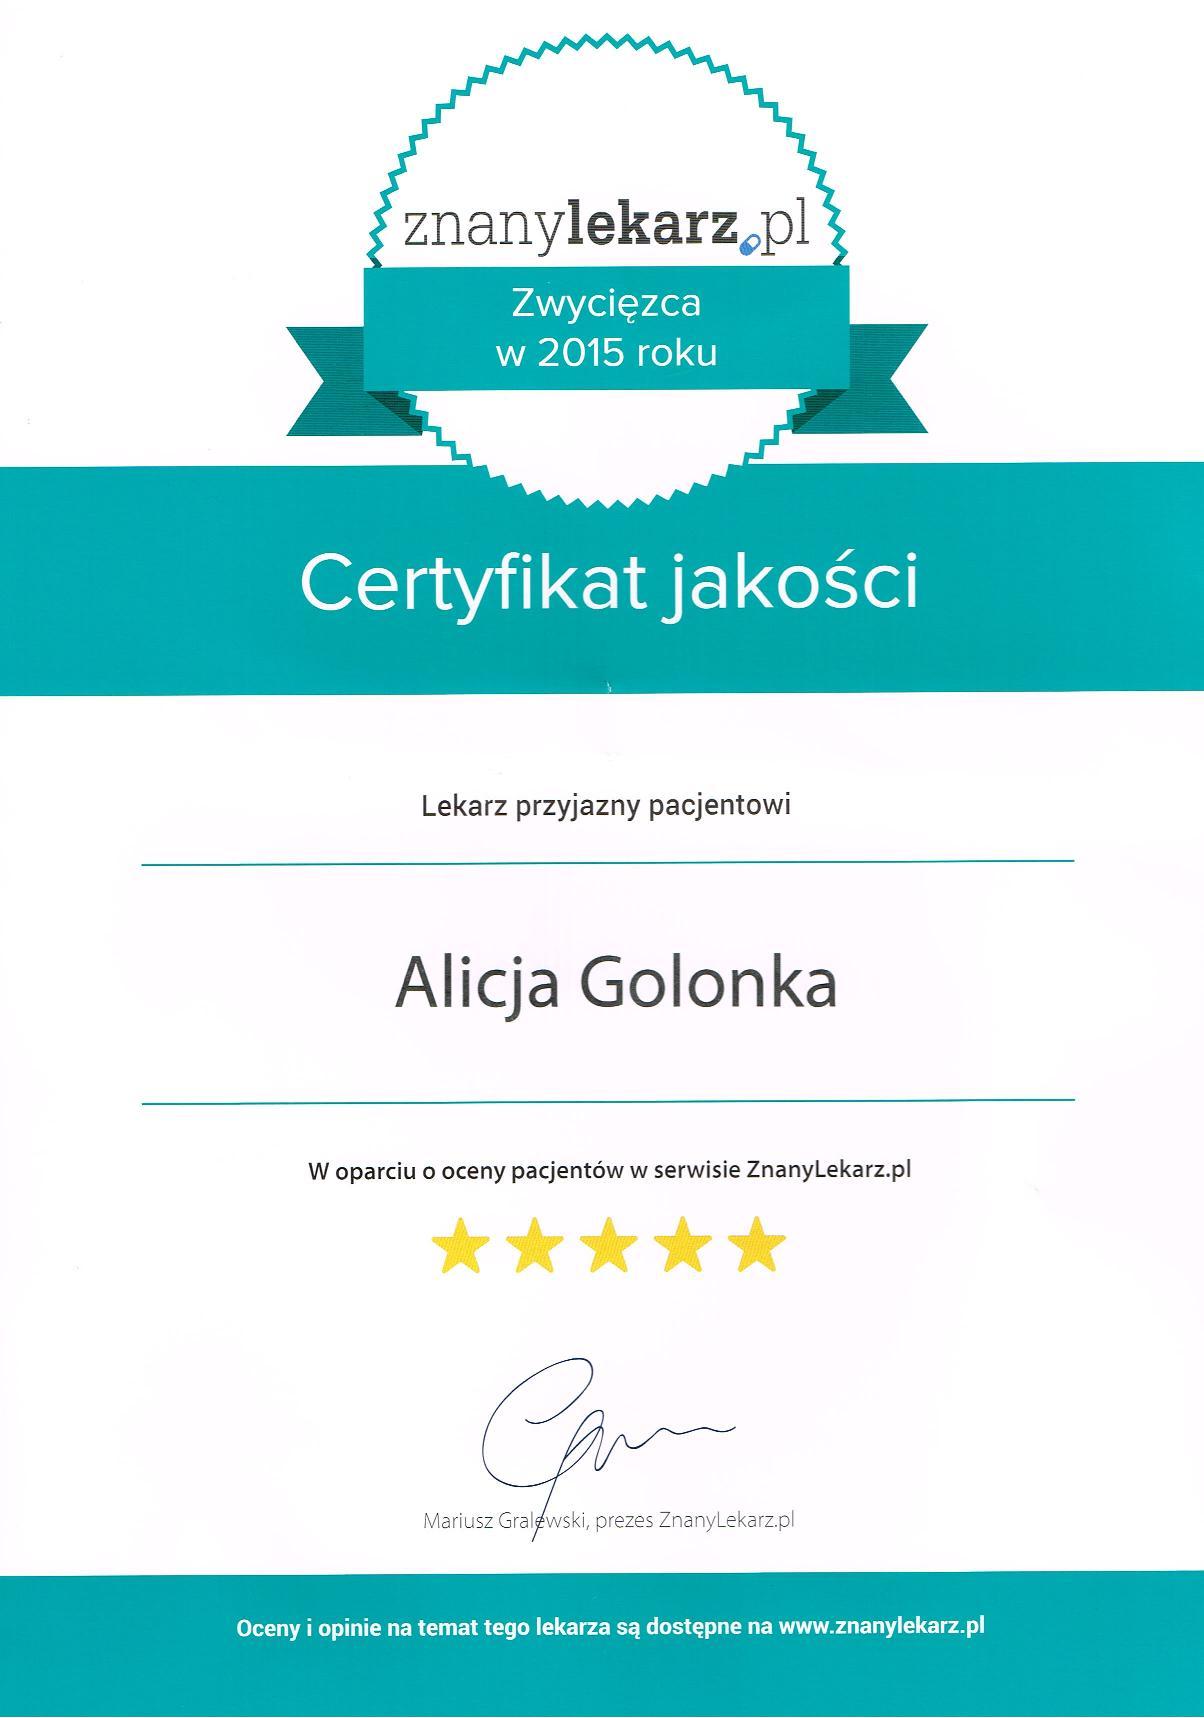 Certyfikat jakości Znanego Lekarza